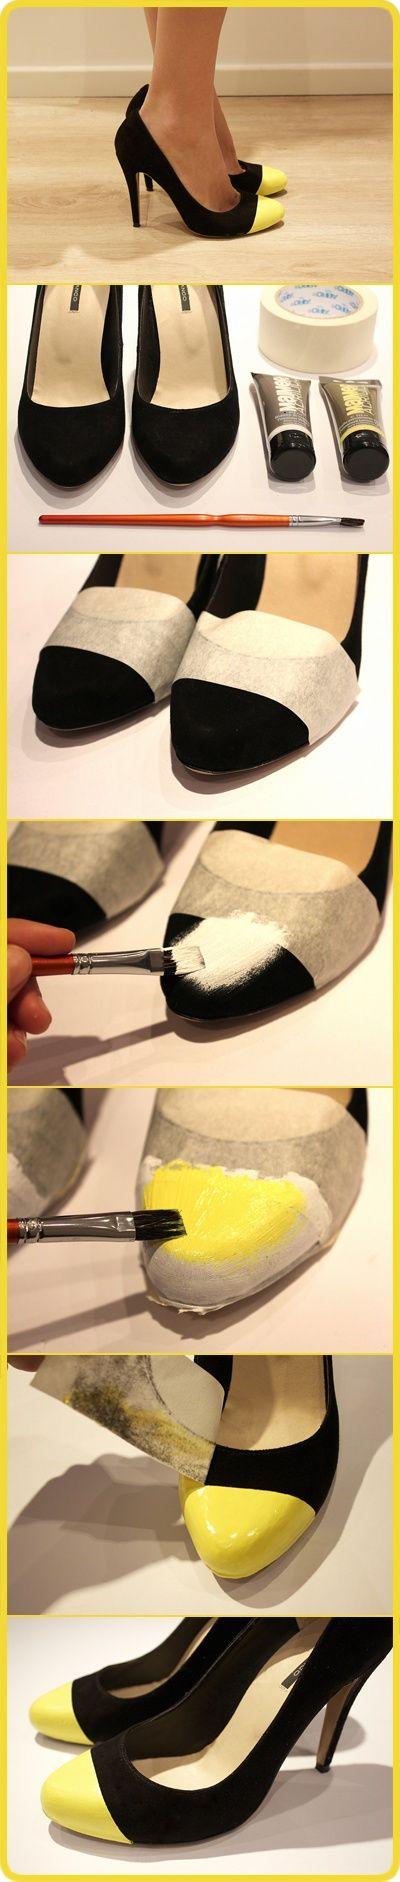 DIY shoe re-do.